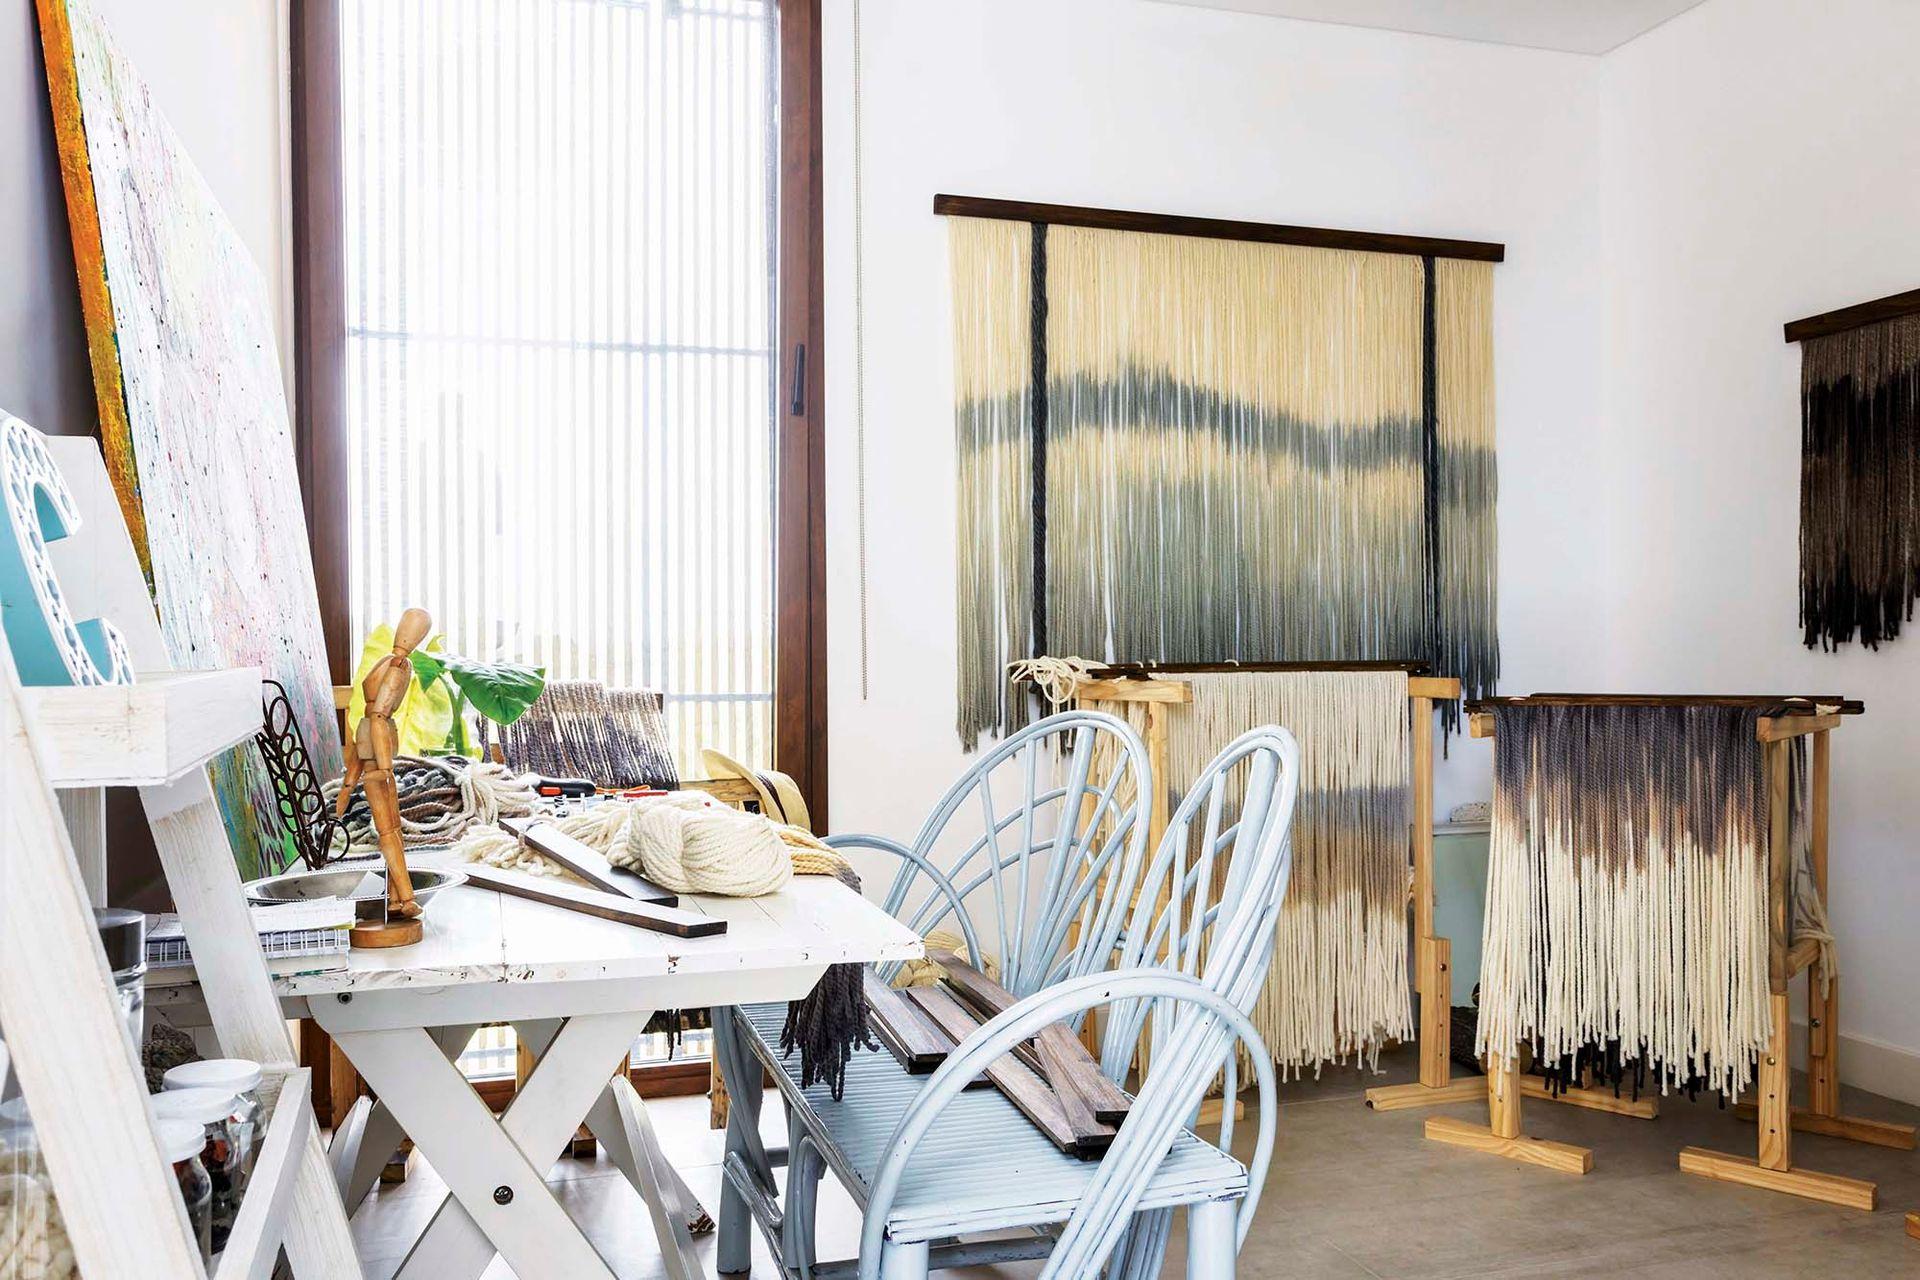 Luego de meses trabajando en el piso de la galería, Clara decidió transformar este cuarto vacío en taller y showroom de su marca de tapices, Hachez.